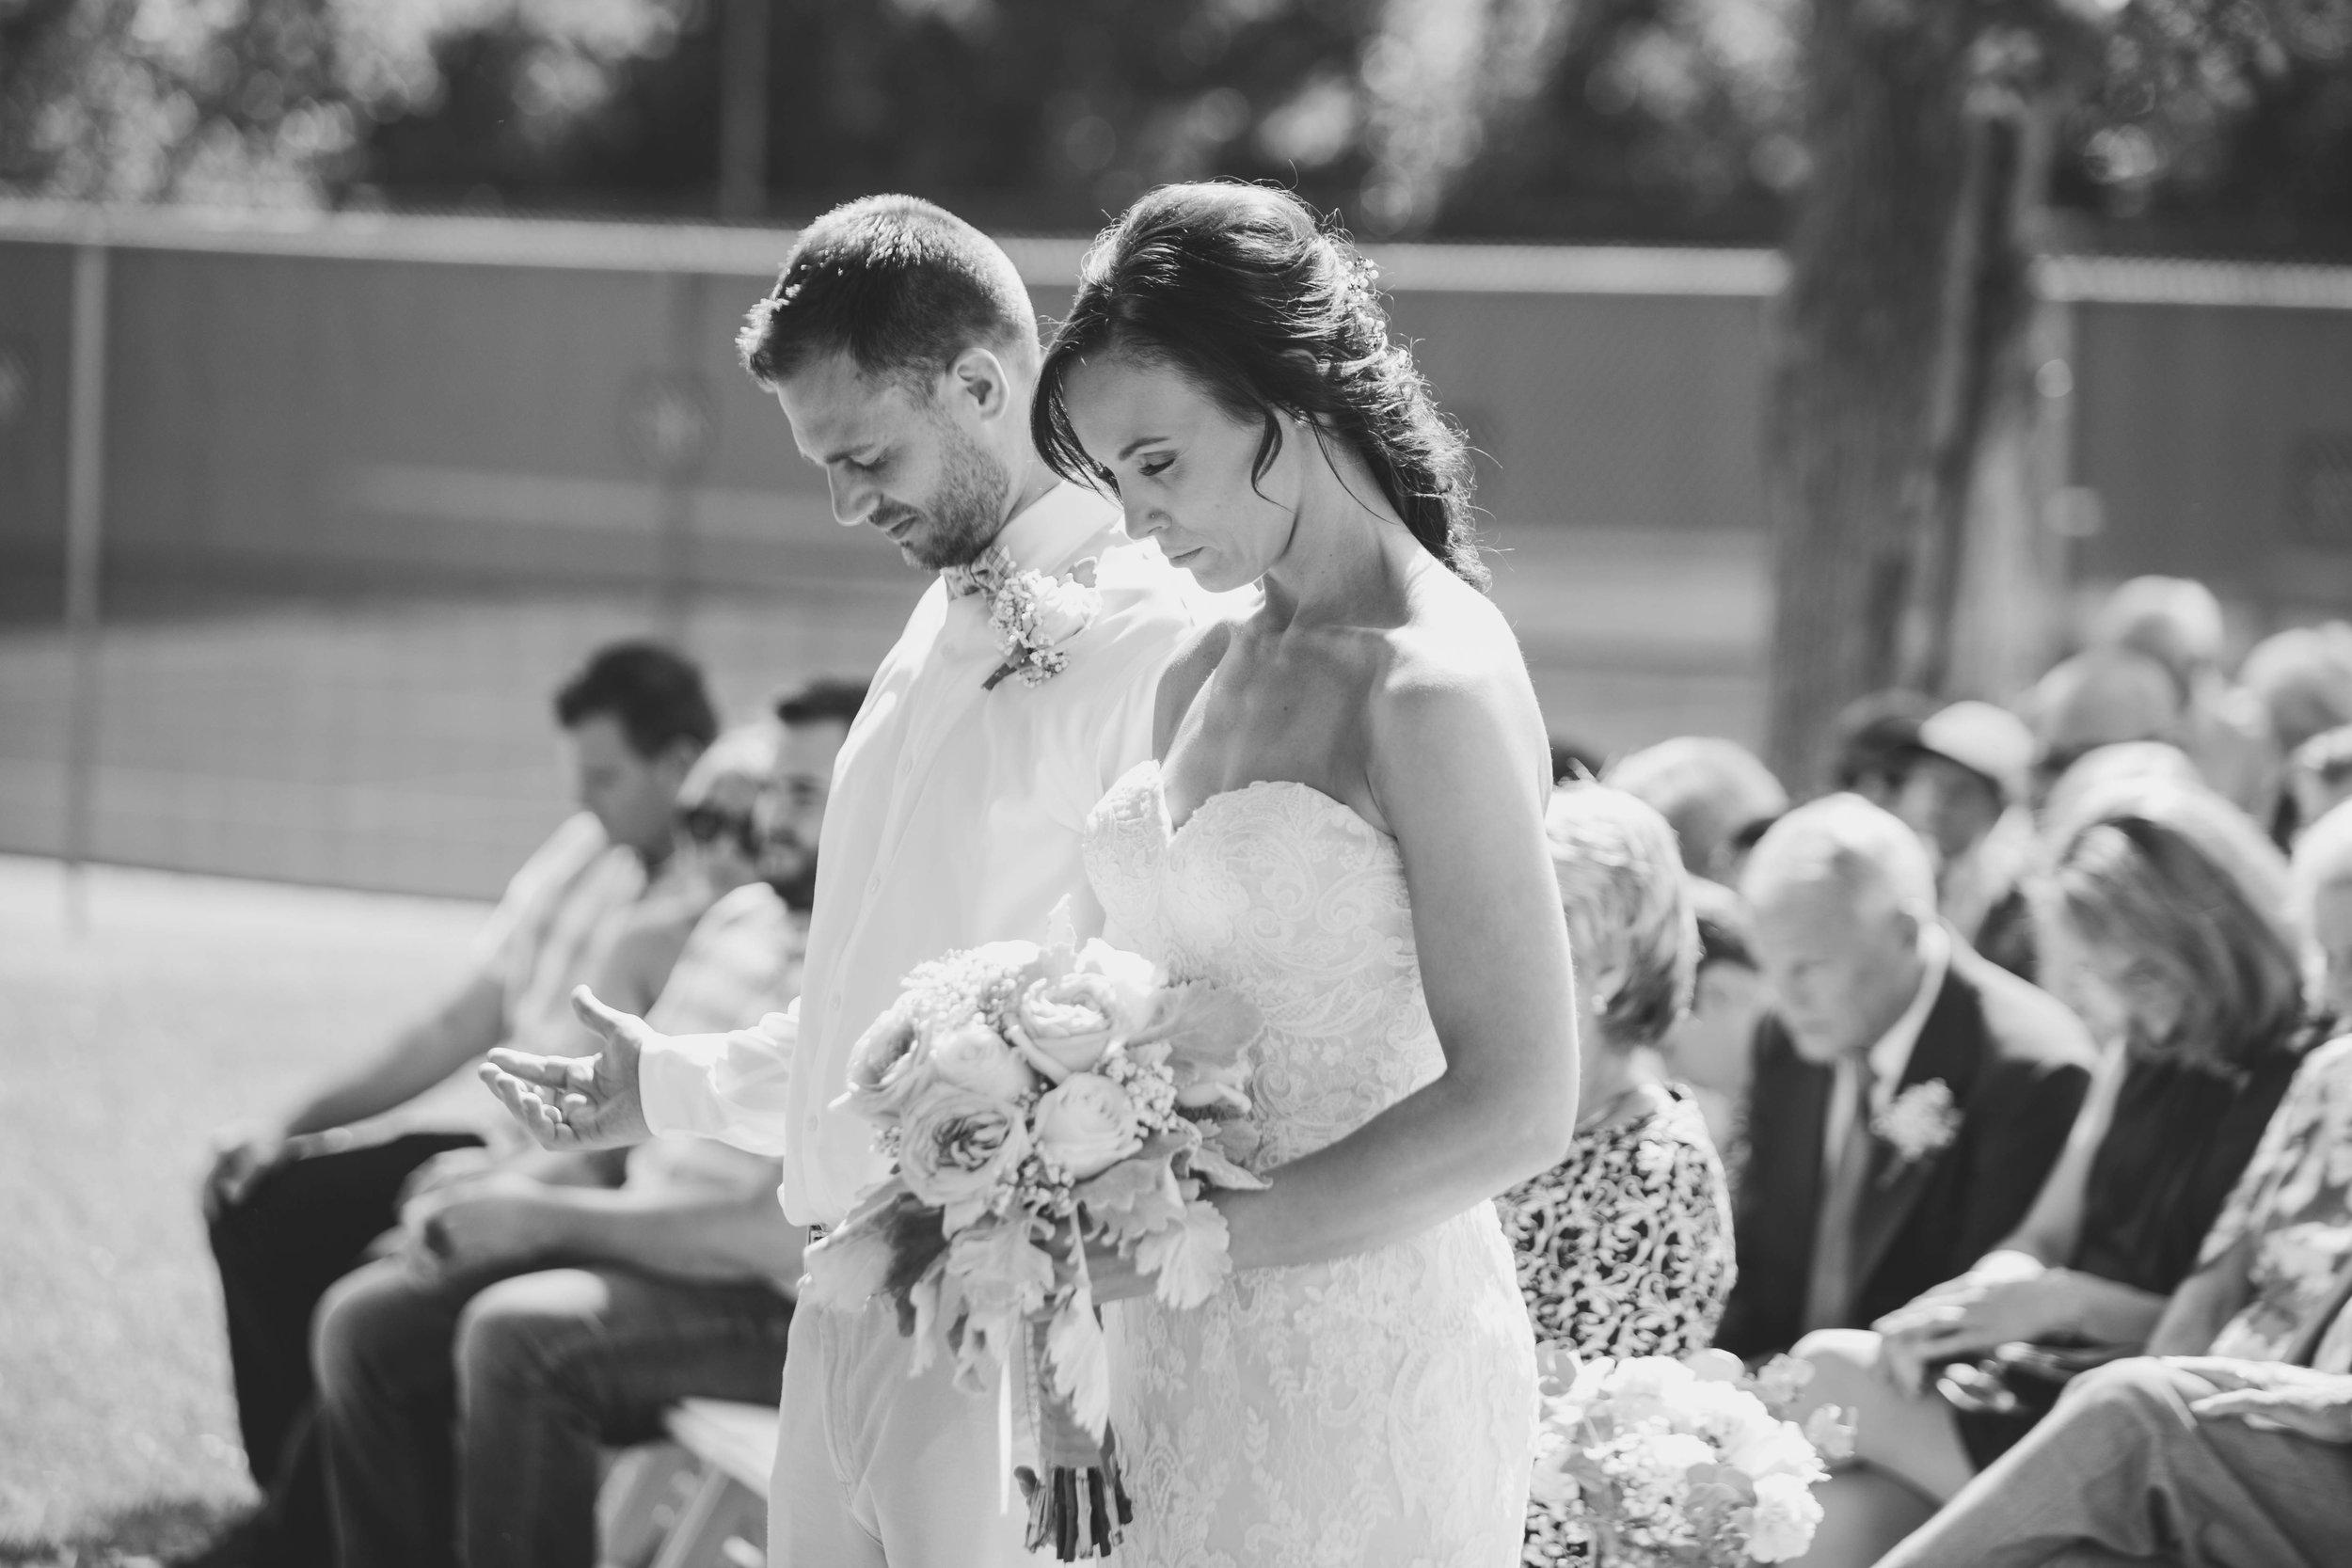 ATGI_Susanna & Matt Wedding_717A7603.jpg